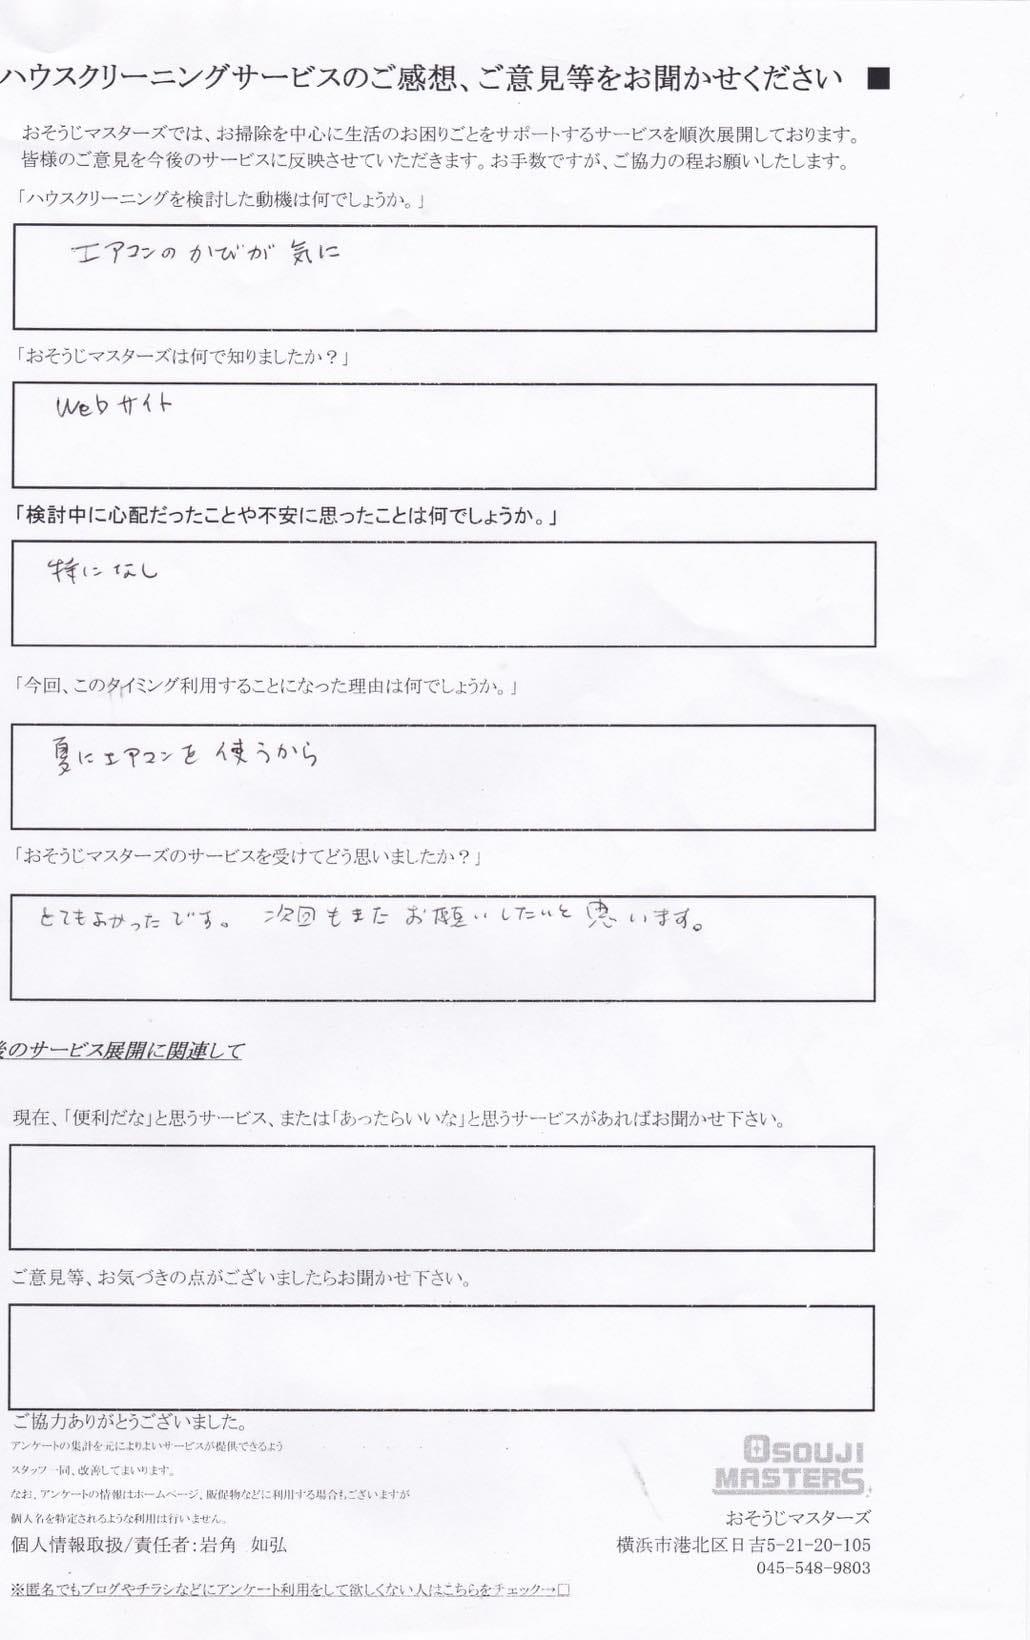 2015.5.20利用者アンケート